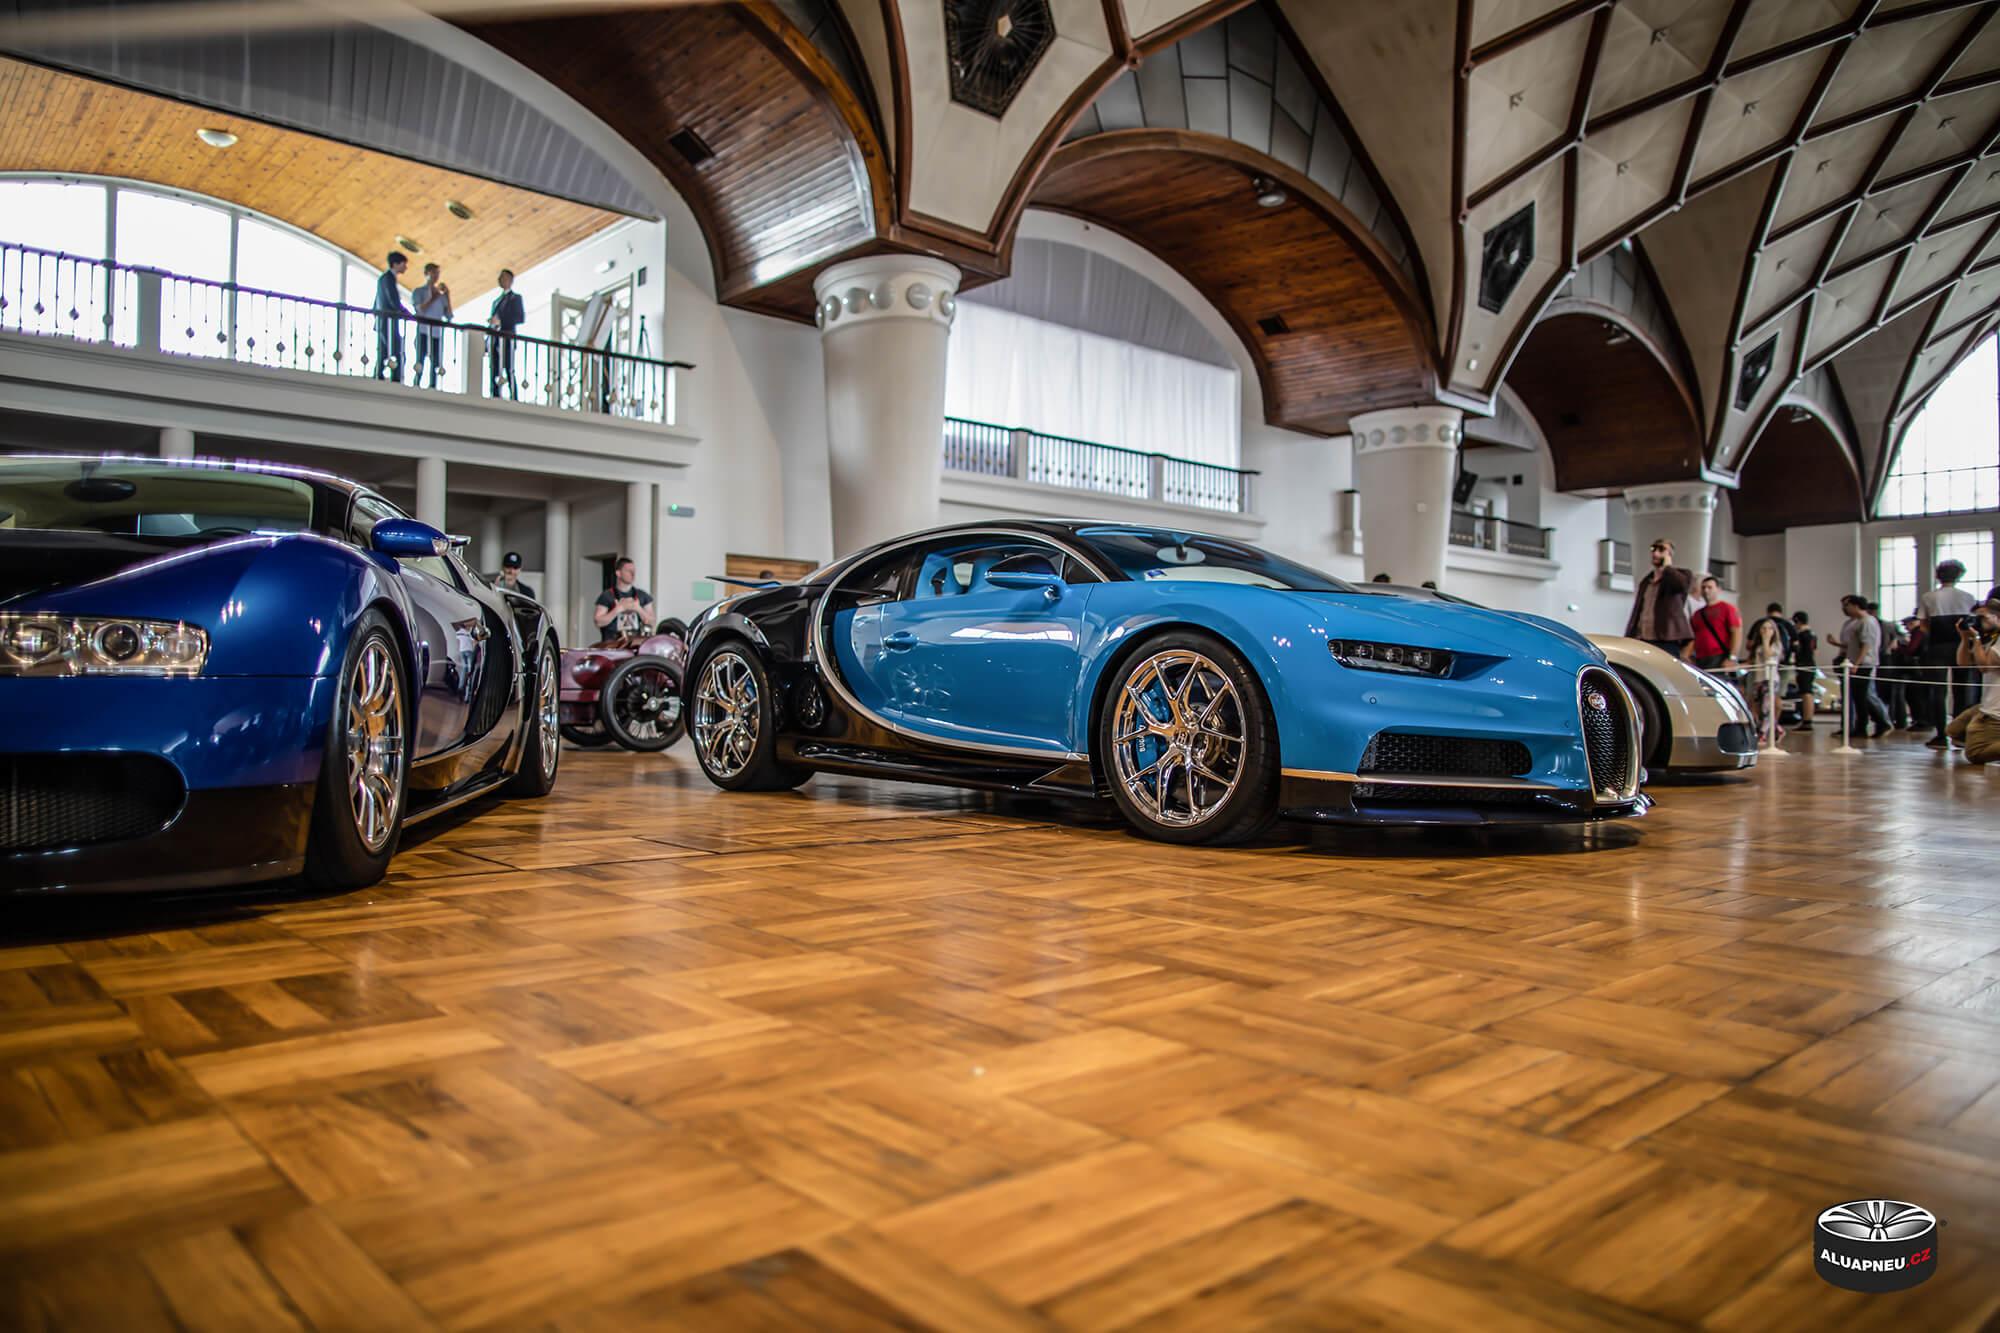 Bugatti - Automobilové Legendy 2019 - www.aluapneu.cz